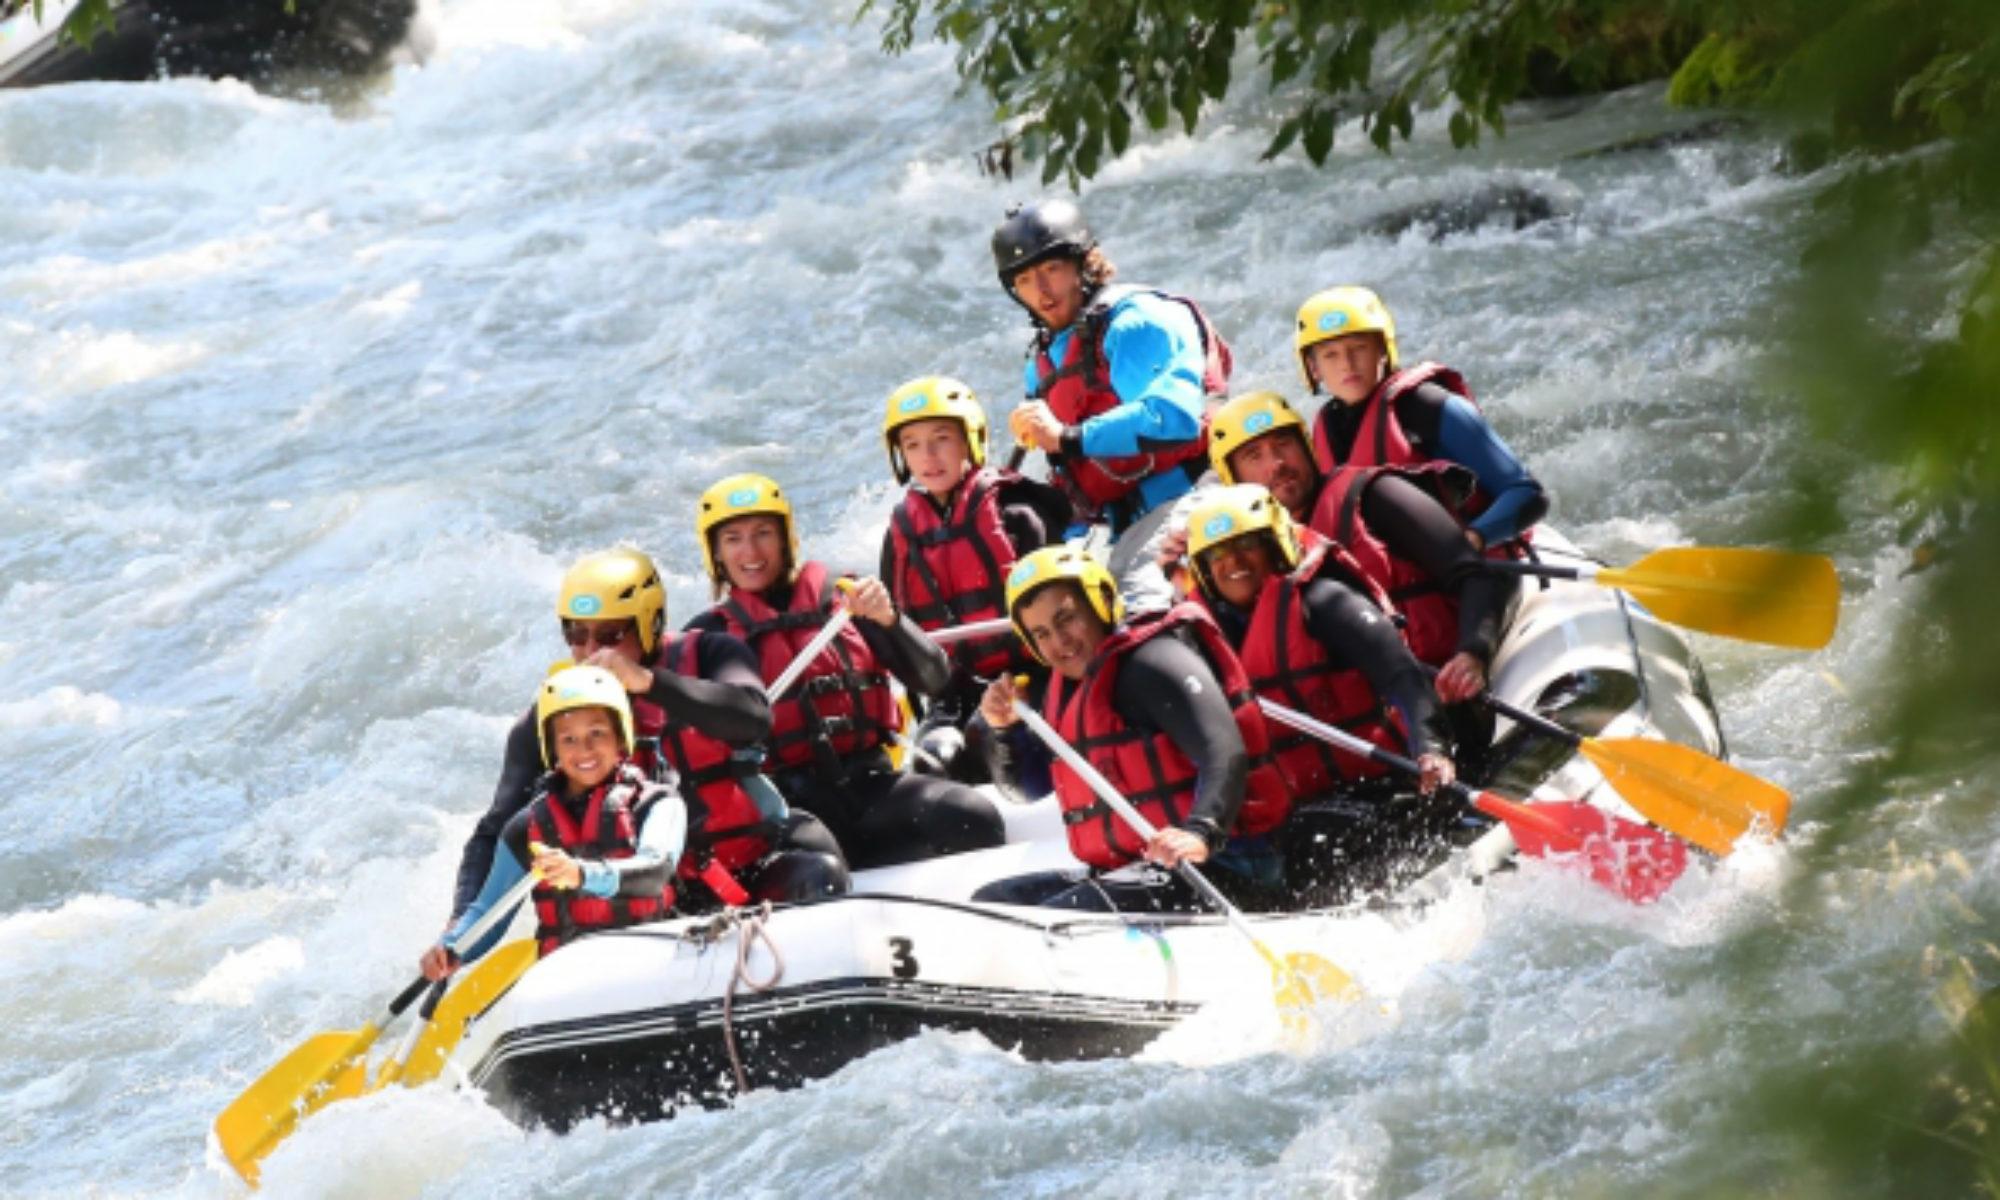 Des jeunes au milieu de rapides lors d'une descente de rafting sur l'Isère.